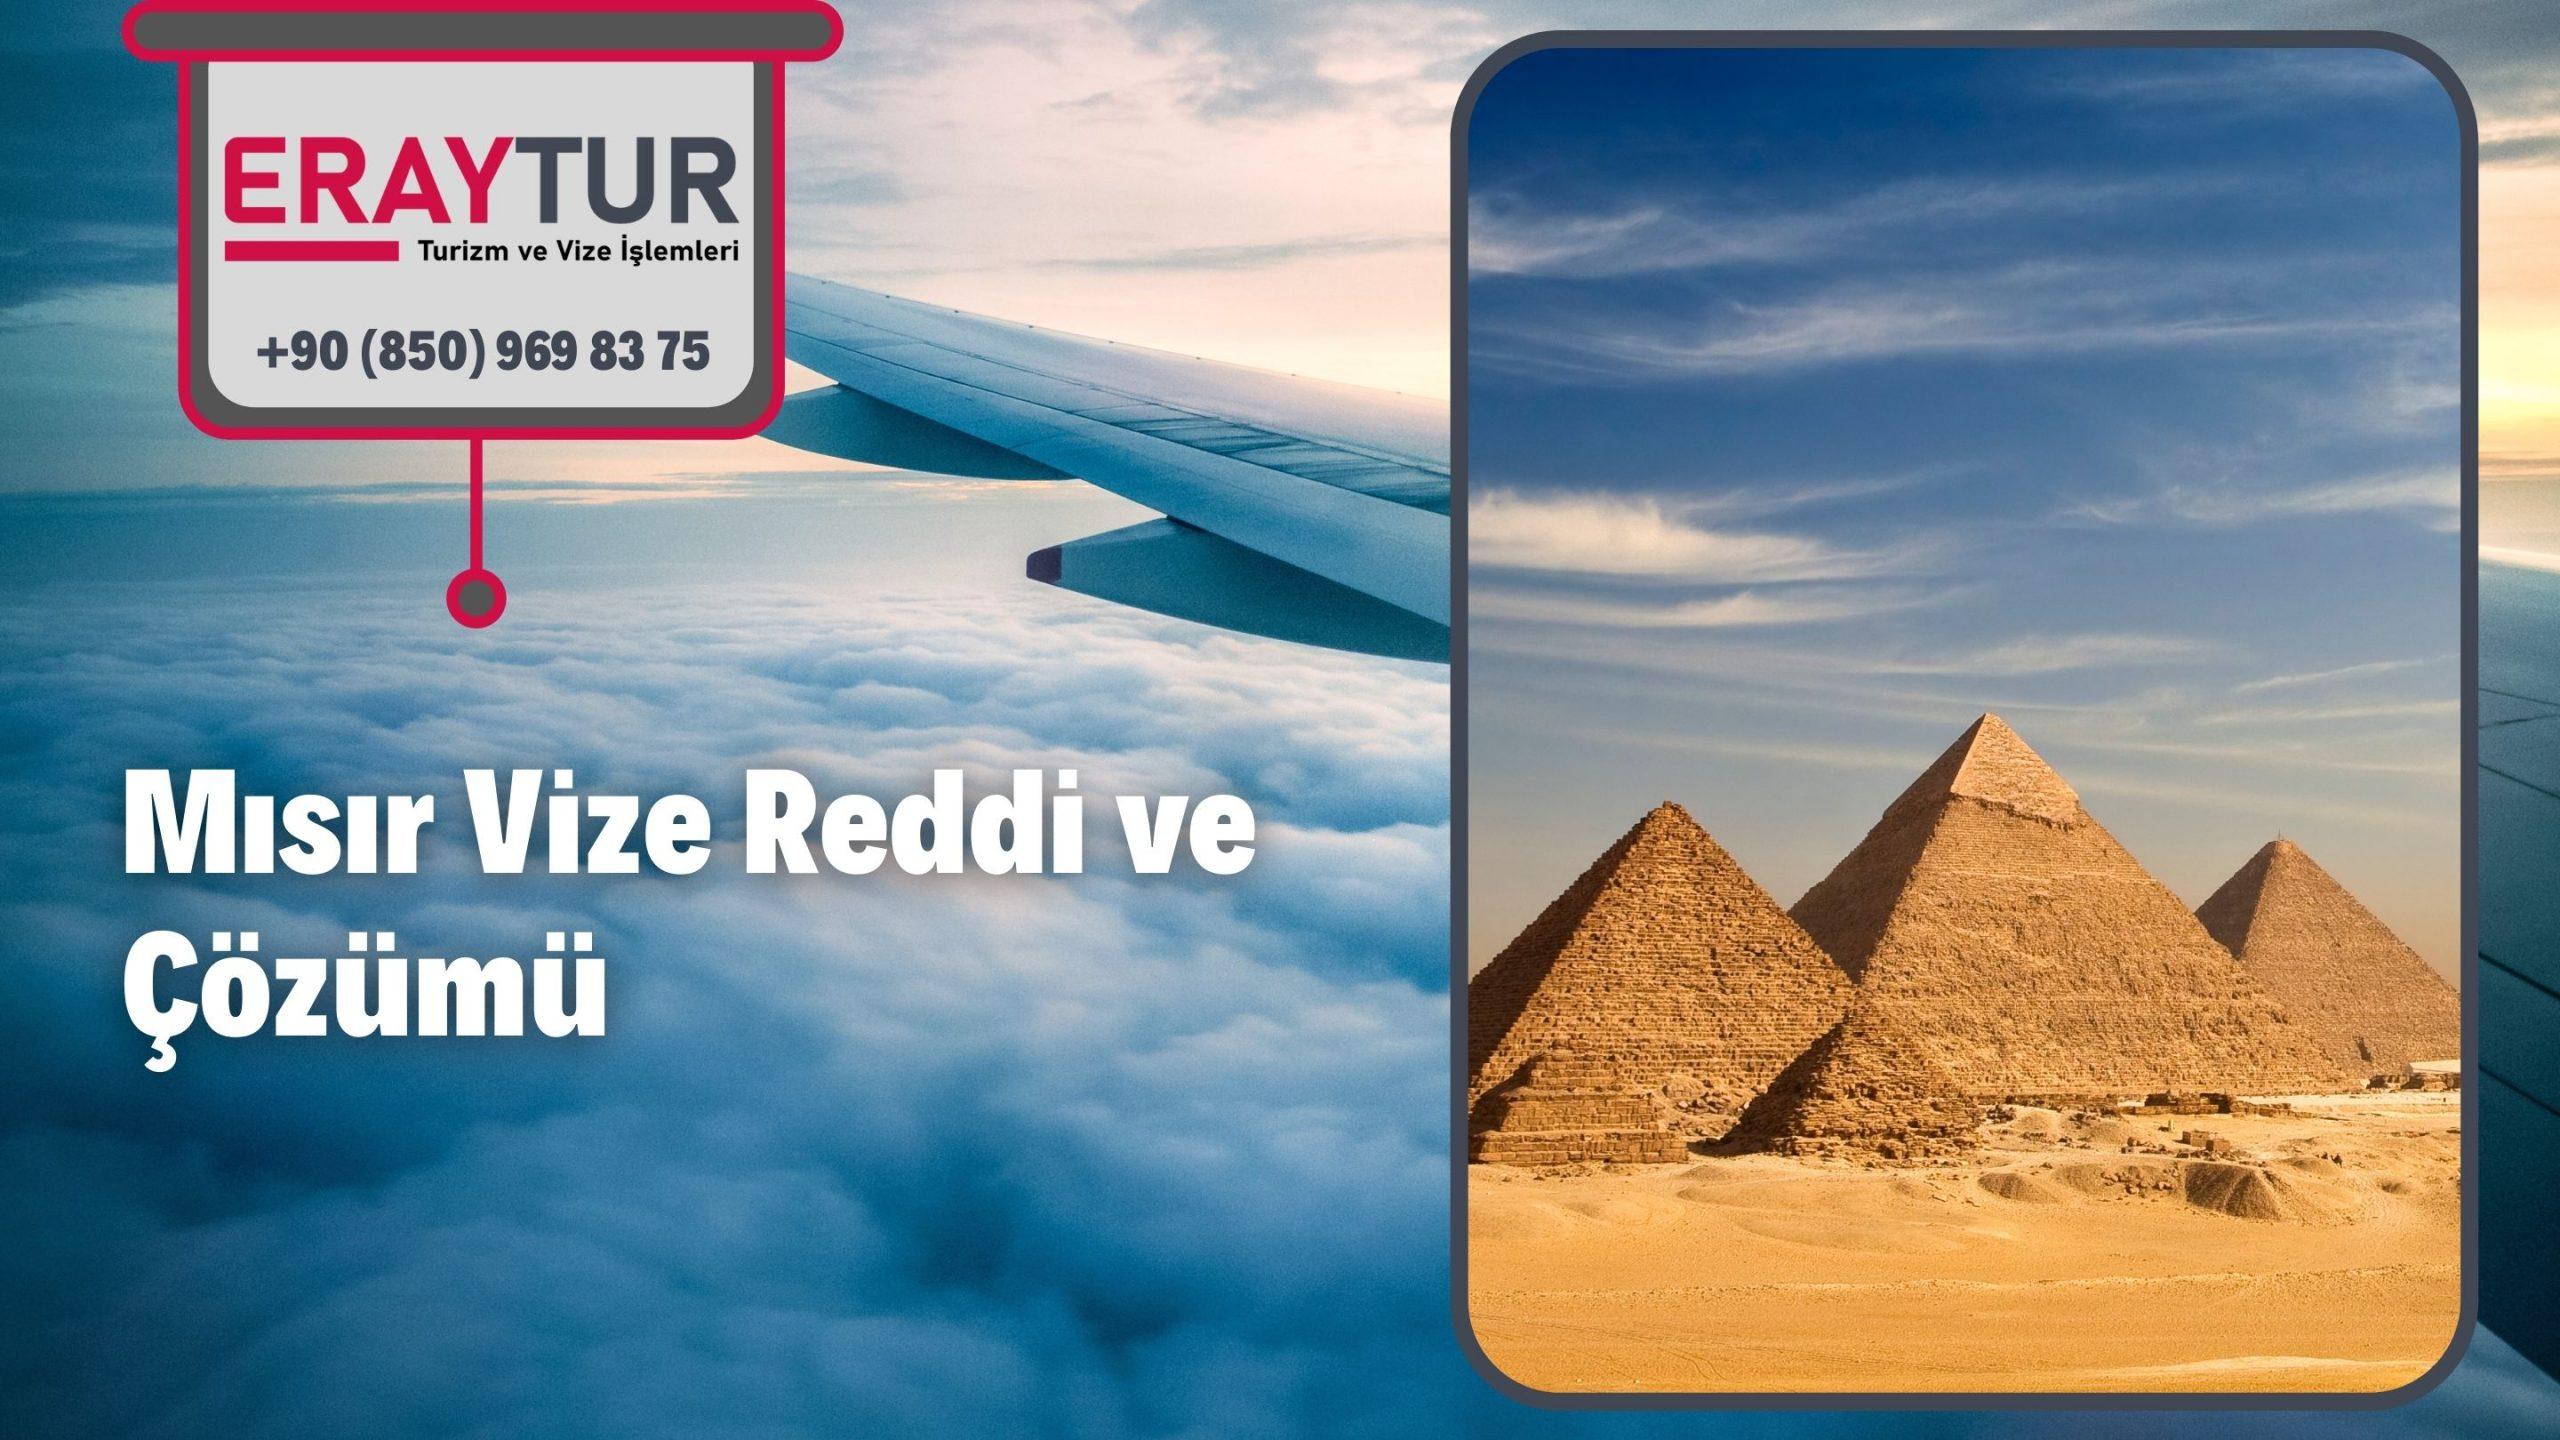 Mısır Vize Reddi ve Çözümü